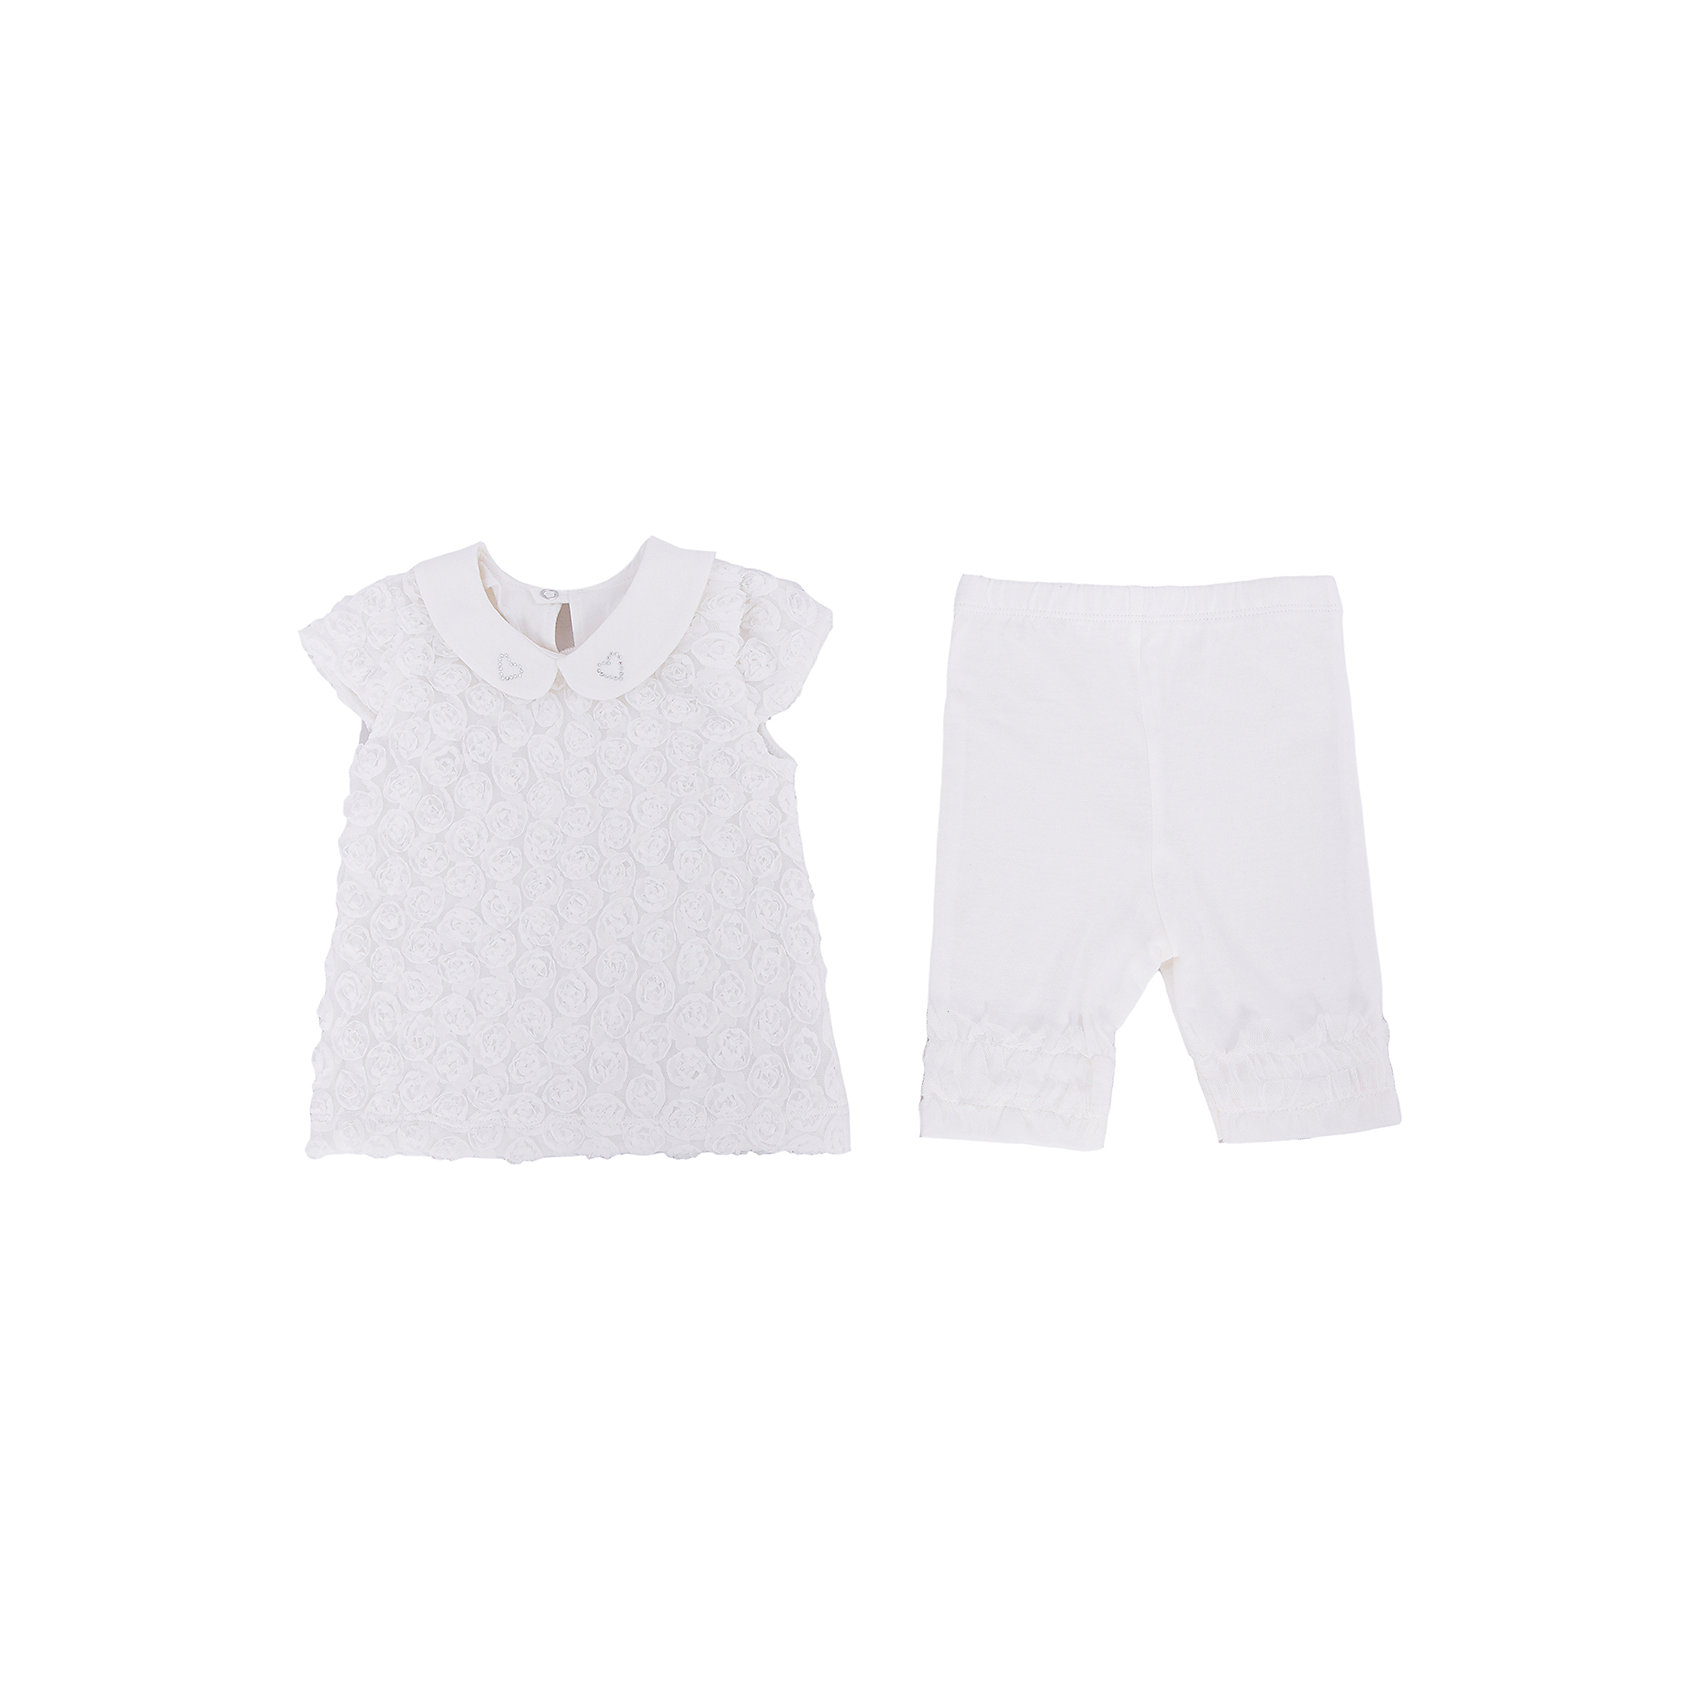 Комплект: футболка и бриджи для девочки Soni KidsКомплекты<br>Комплект: футболка и бриджи для девочки от популярной марки Soni Kids <br> <br>Нарядный комплект состоит из футболки и бриджей очень красивого оттенка слоновой кости сшита из мягкого дышащего хлопка. Это гипоаллергенный материал, который отлично подходит для детской одежды. Правильный крой обеспечит ребенку удобство, не будет натирать и стеснять движения. <br> <br>Особенности модели: <br> <br>- цвет - белый; <br>- материал - натуральный хлопок; <br>- модель декорирована стразами; <br>- отделка текстильными цветами; <br>- крылья на рукавах; <br>- отложной воротник; <br>- застежки - кнопки на спине. <br>- пояс - мягкая широкая резинка. <br> <br>Дополнительная информация: <br> <br>Состав: 100% хлопок <br> <br>Комплект: футболка и бриджи для девочки от популярной марки Soni Kids (Сони Кидс) можно купить в нашем магазине.<br><br>Ширина мм: 157<br>Глубина мм: 13<br>Высота мм: 119<br>Вес г: 200<br>Цвет: белый<br>Возраст от месяцев: 12<br>Возраст до месяцев: 15<br>Пол: Женский<br>Возраст: Детский<br>Размер: 86,74,80,92<br>SKU: 4545004